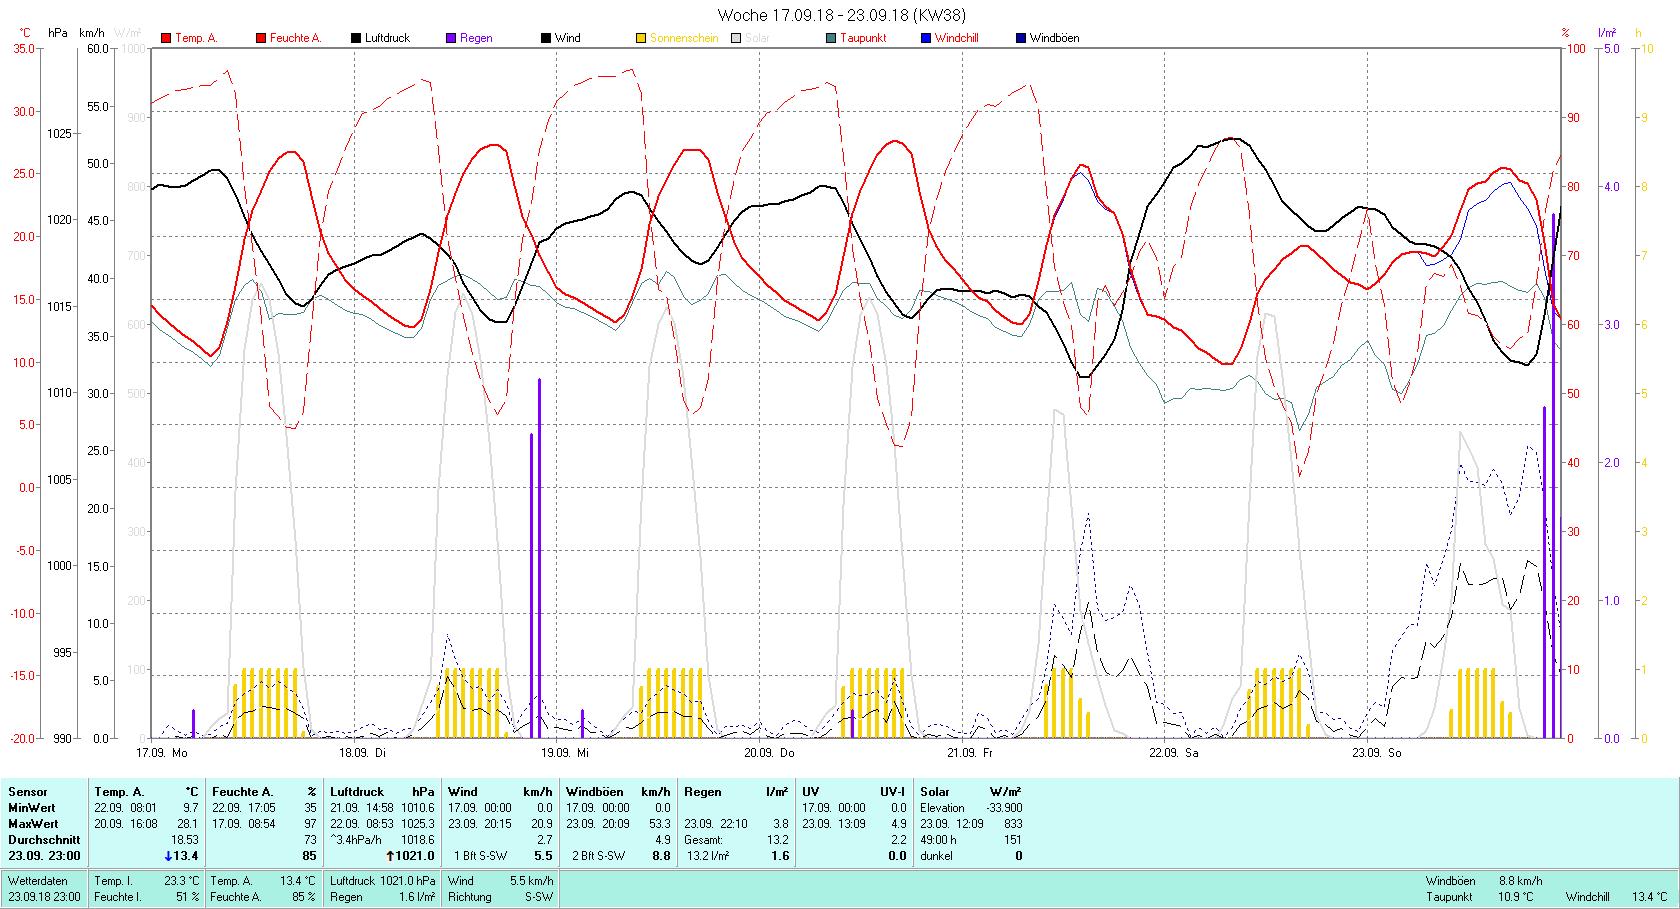 KW 38 Tmin 9.7°C, Tmax 28.1°C, Sonne 49:00 h Niederschlag 13.2 mm2